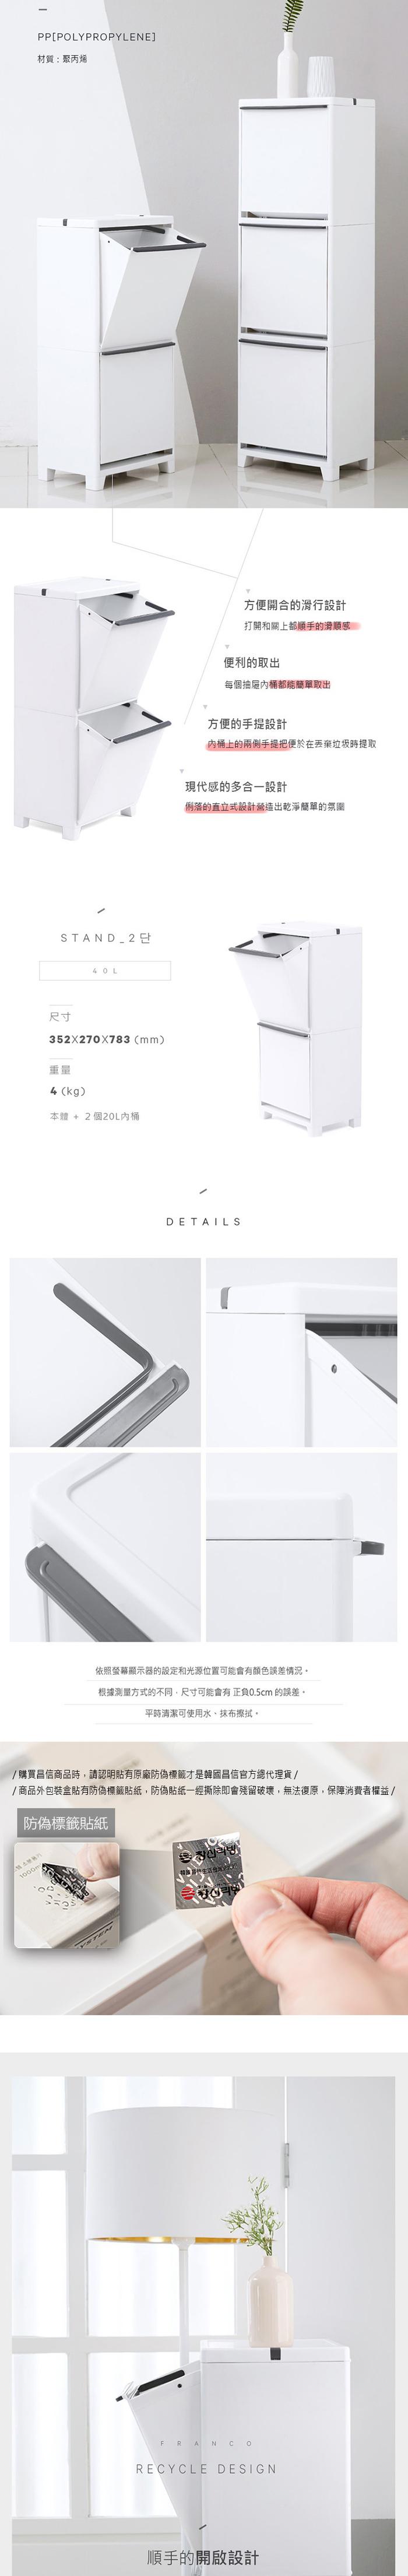 (複製)Changsin FRANCO居家抽屜3層櫃-42cm(兩色任選)